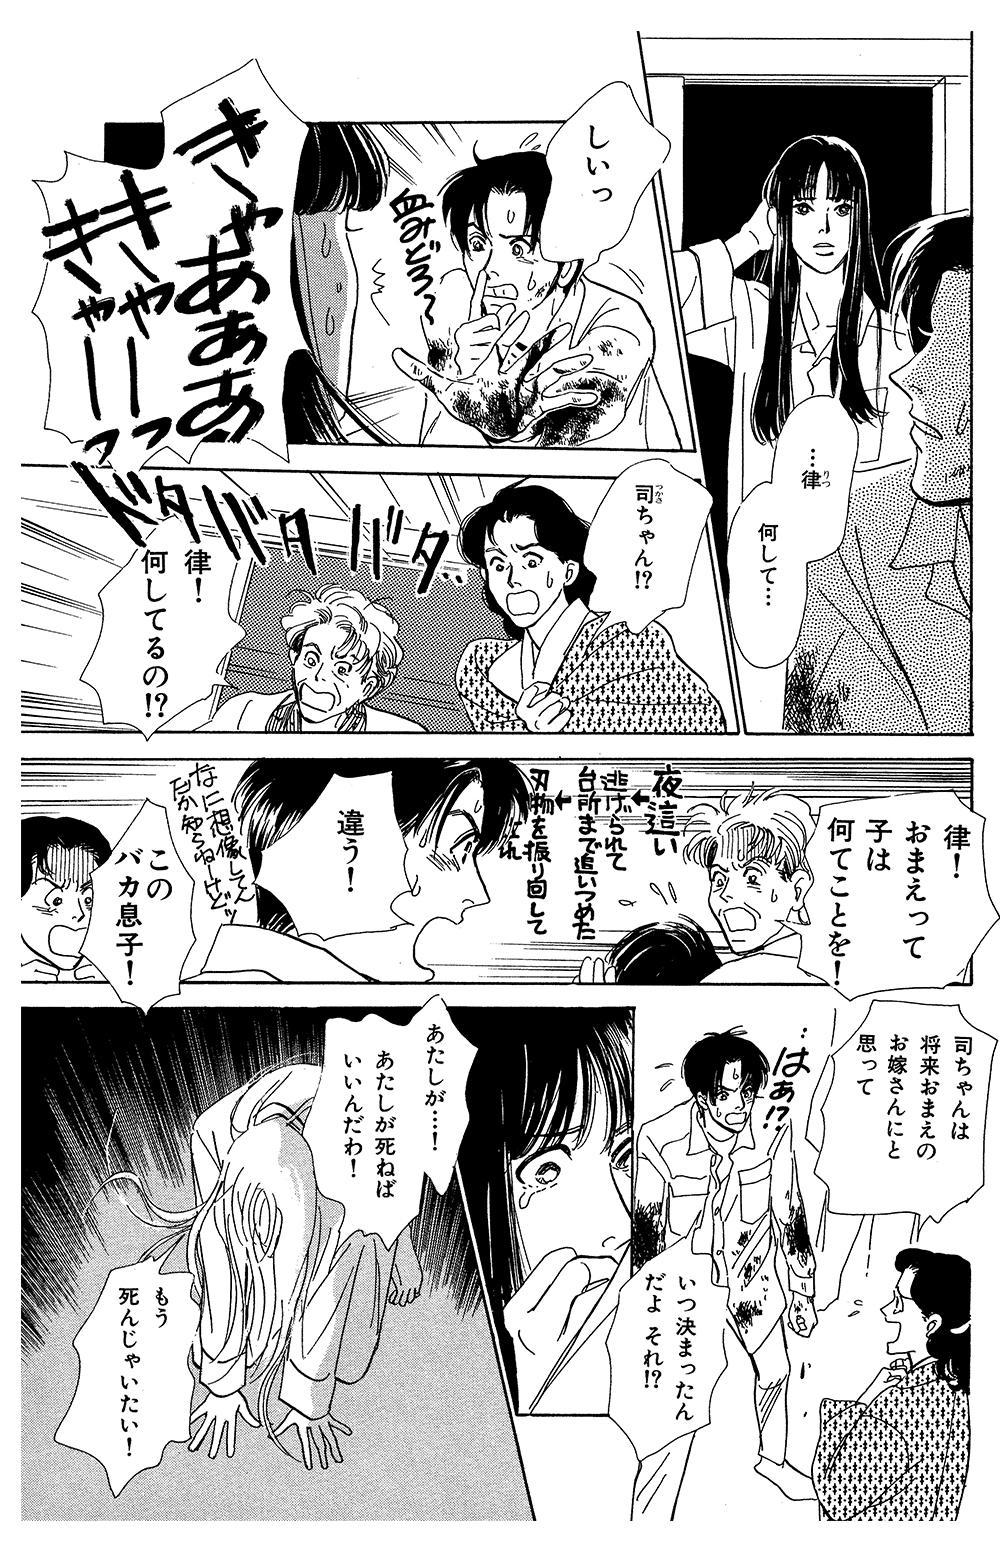 百鬼夜行抄 第1話「闇からの呼び声」④hyakki1-4-8.jpg